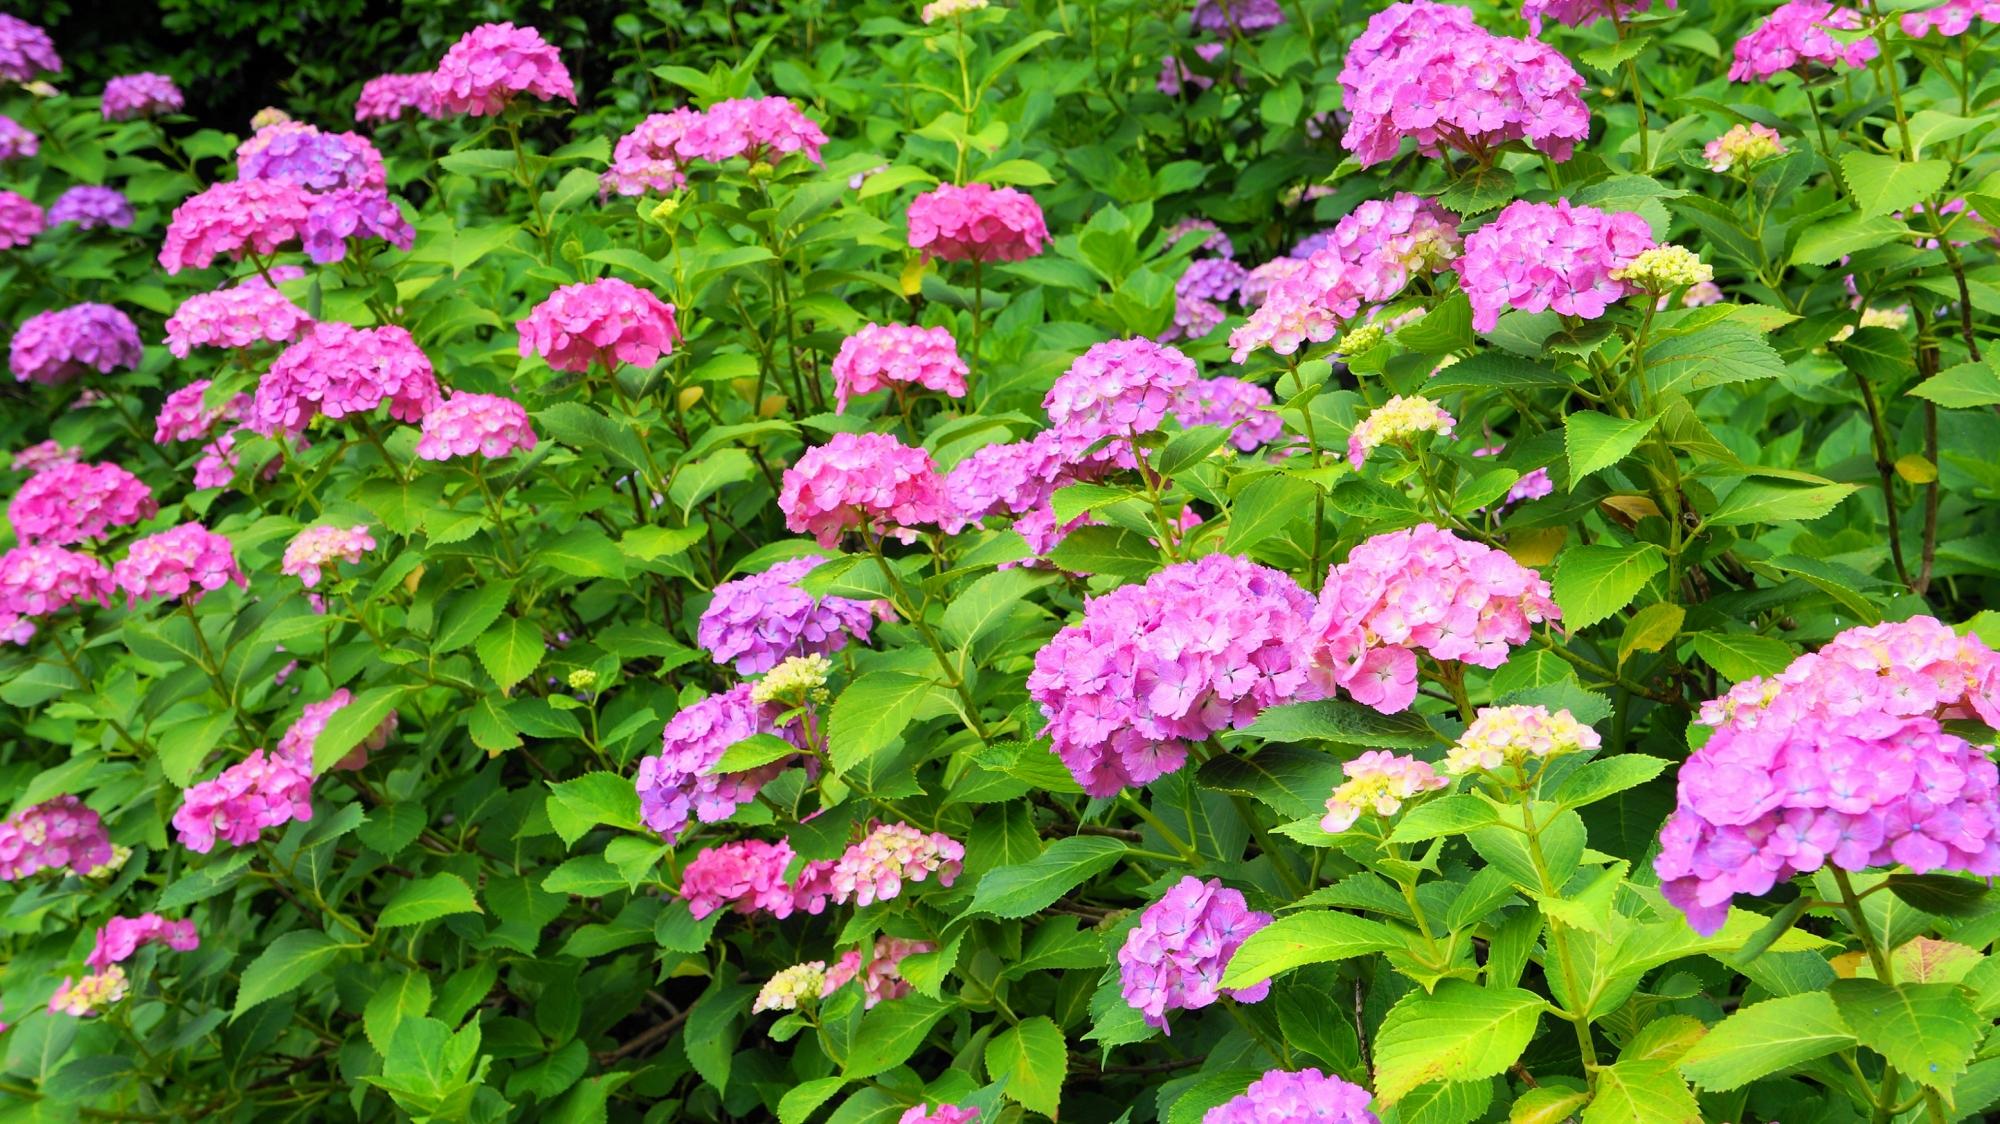 眩い緑の上で咲き誇るピンクの紫陽花